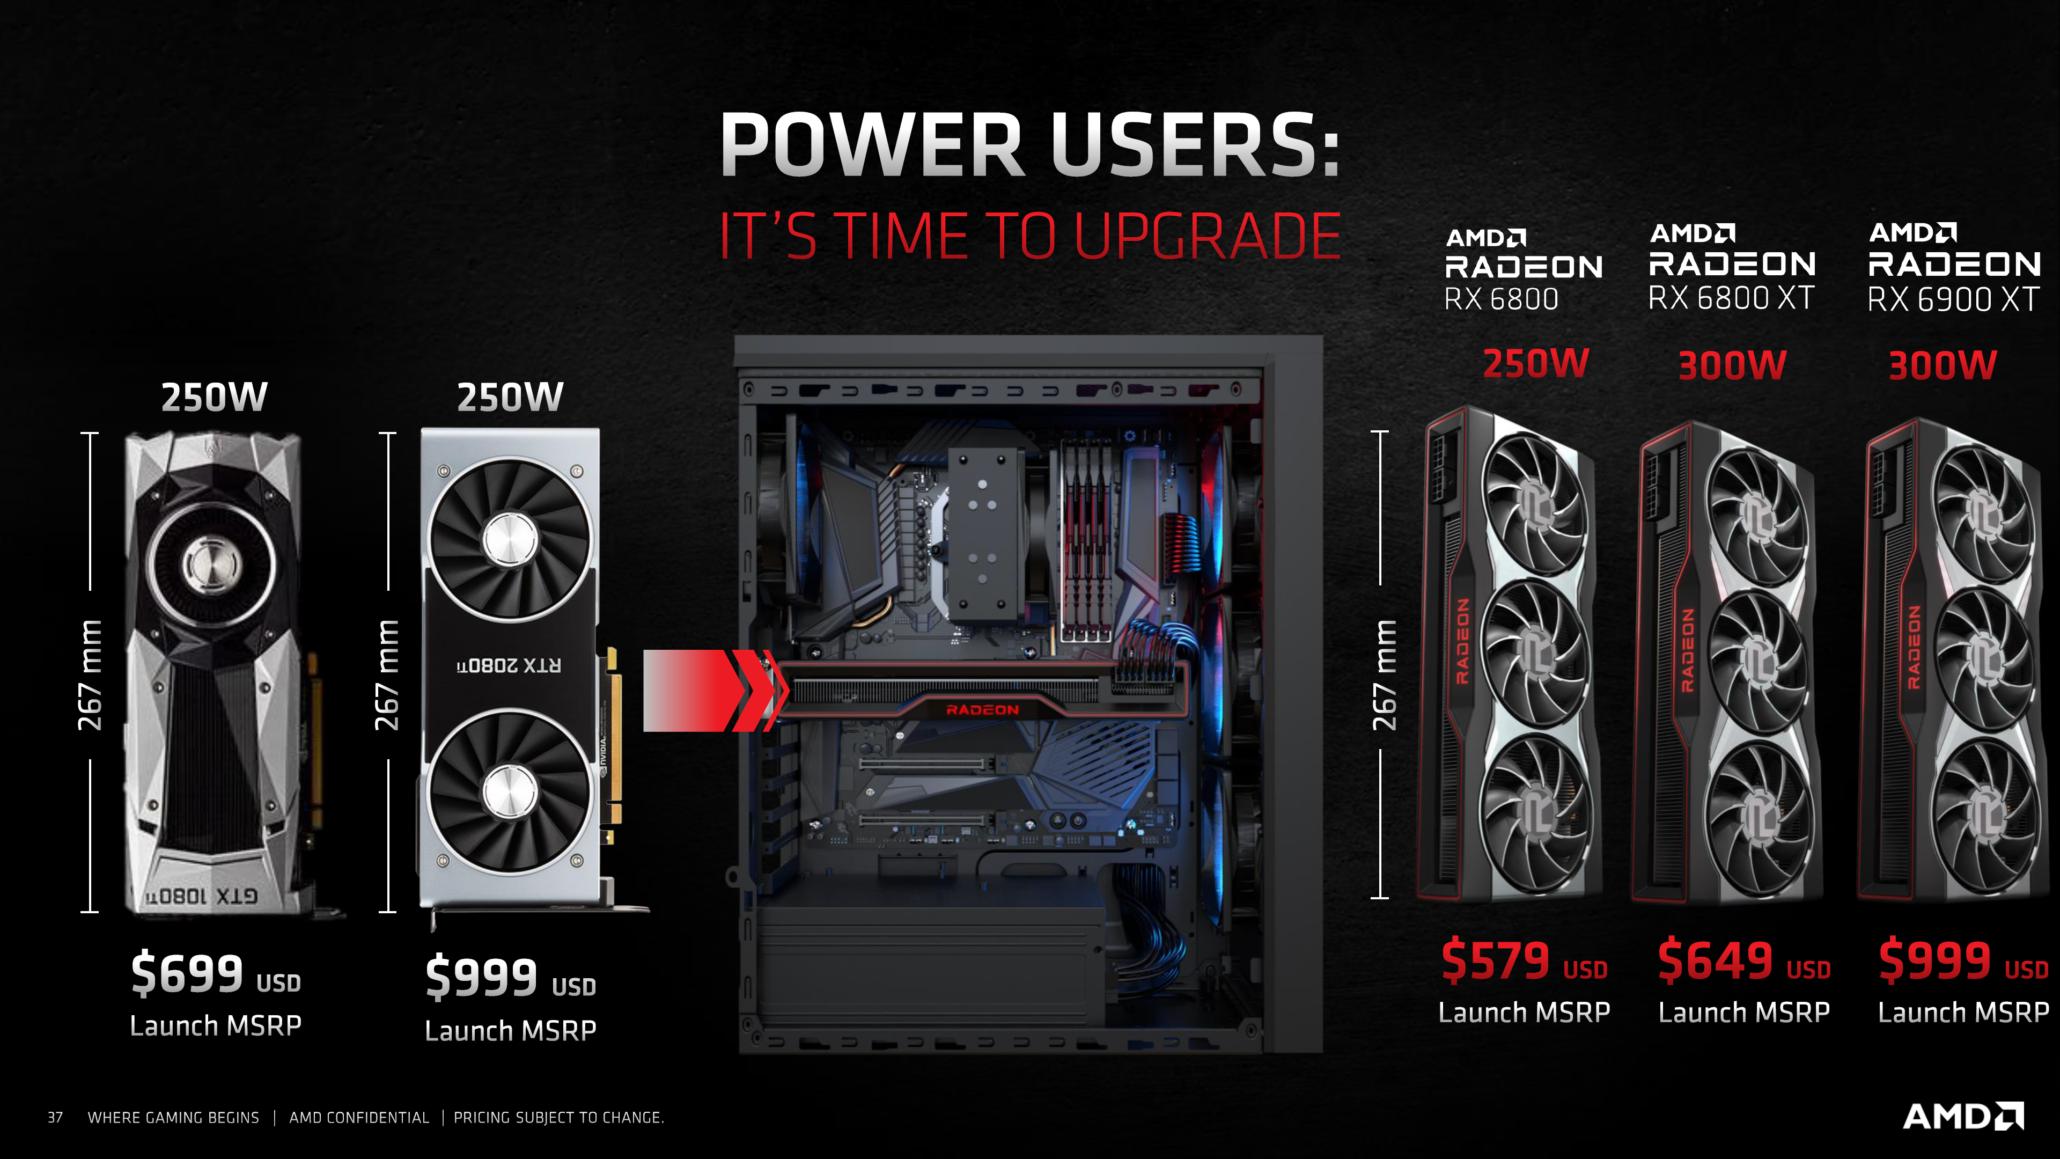 AMD Akan Mengakhiri Radeon RX 6900 XT, RX 6800 XT, RX 6800 Reference Models, Akan Fokus pada Custom AIB Variants